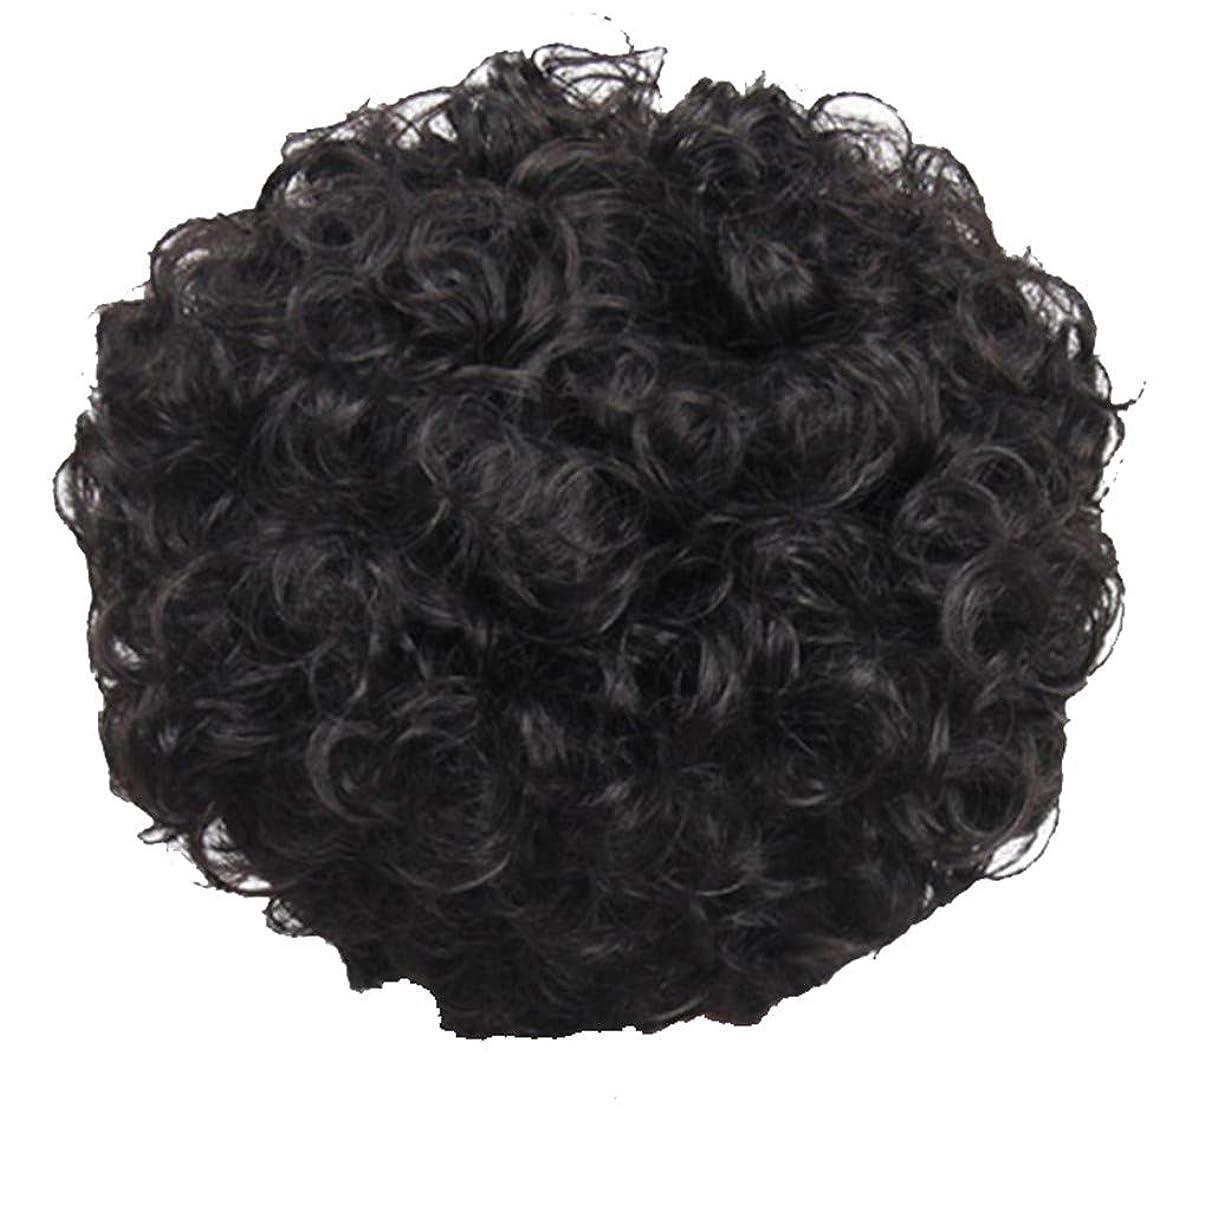 フルーツ野菜ビスケットポータブルかつら、女性、短い髪、巻き毛、かつら、エルフカット、かつらキャップ、27cm